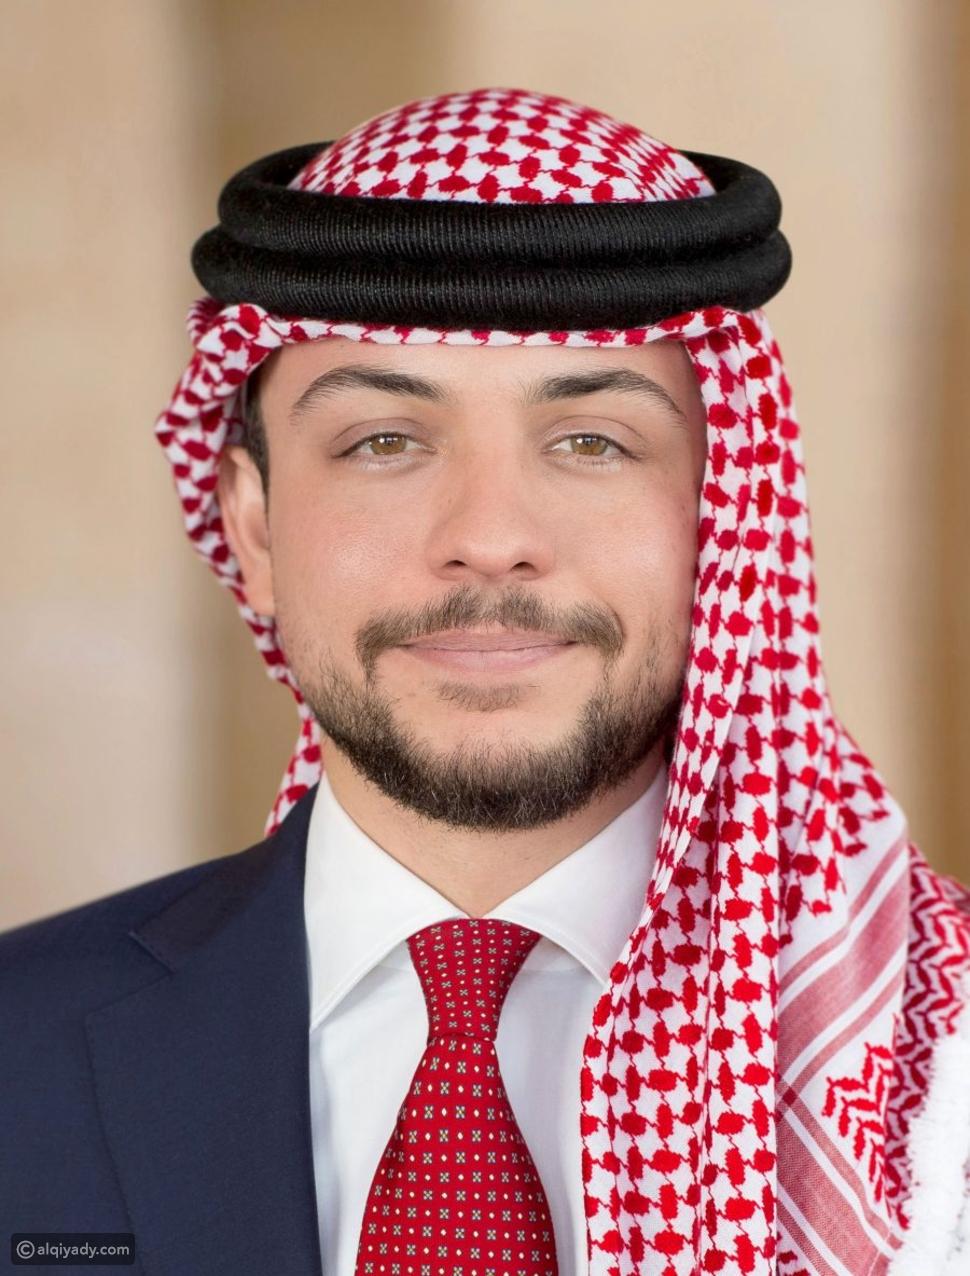 علم الأمير الحسين بن عبدالله الثاني ولماذا تم تصميمه بهذا الشكل؟